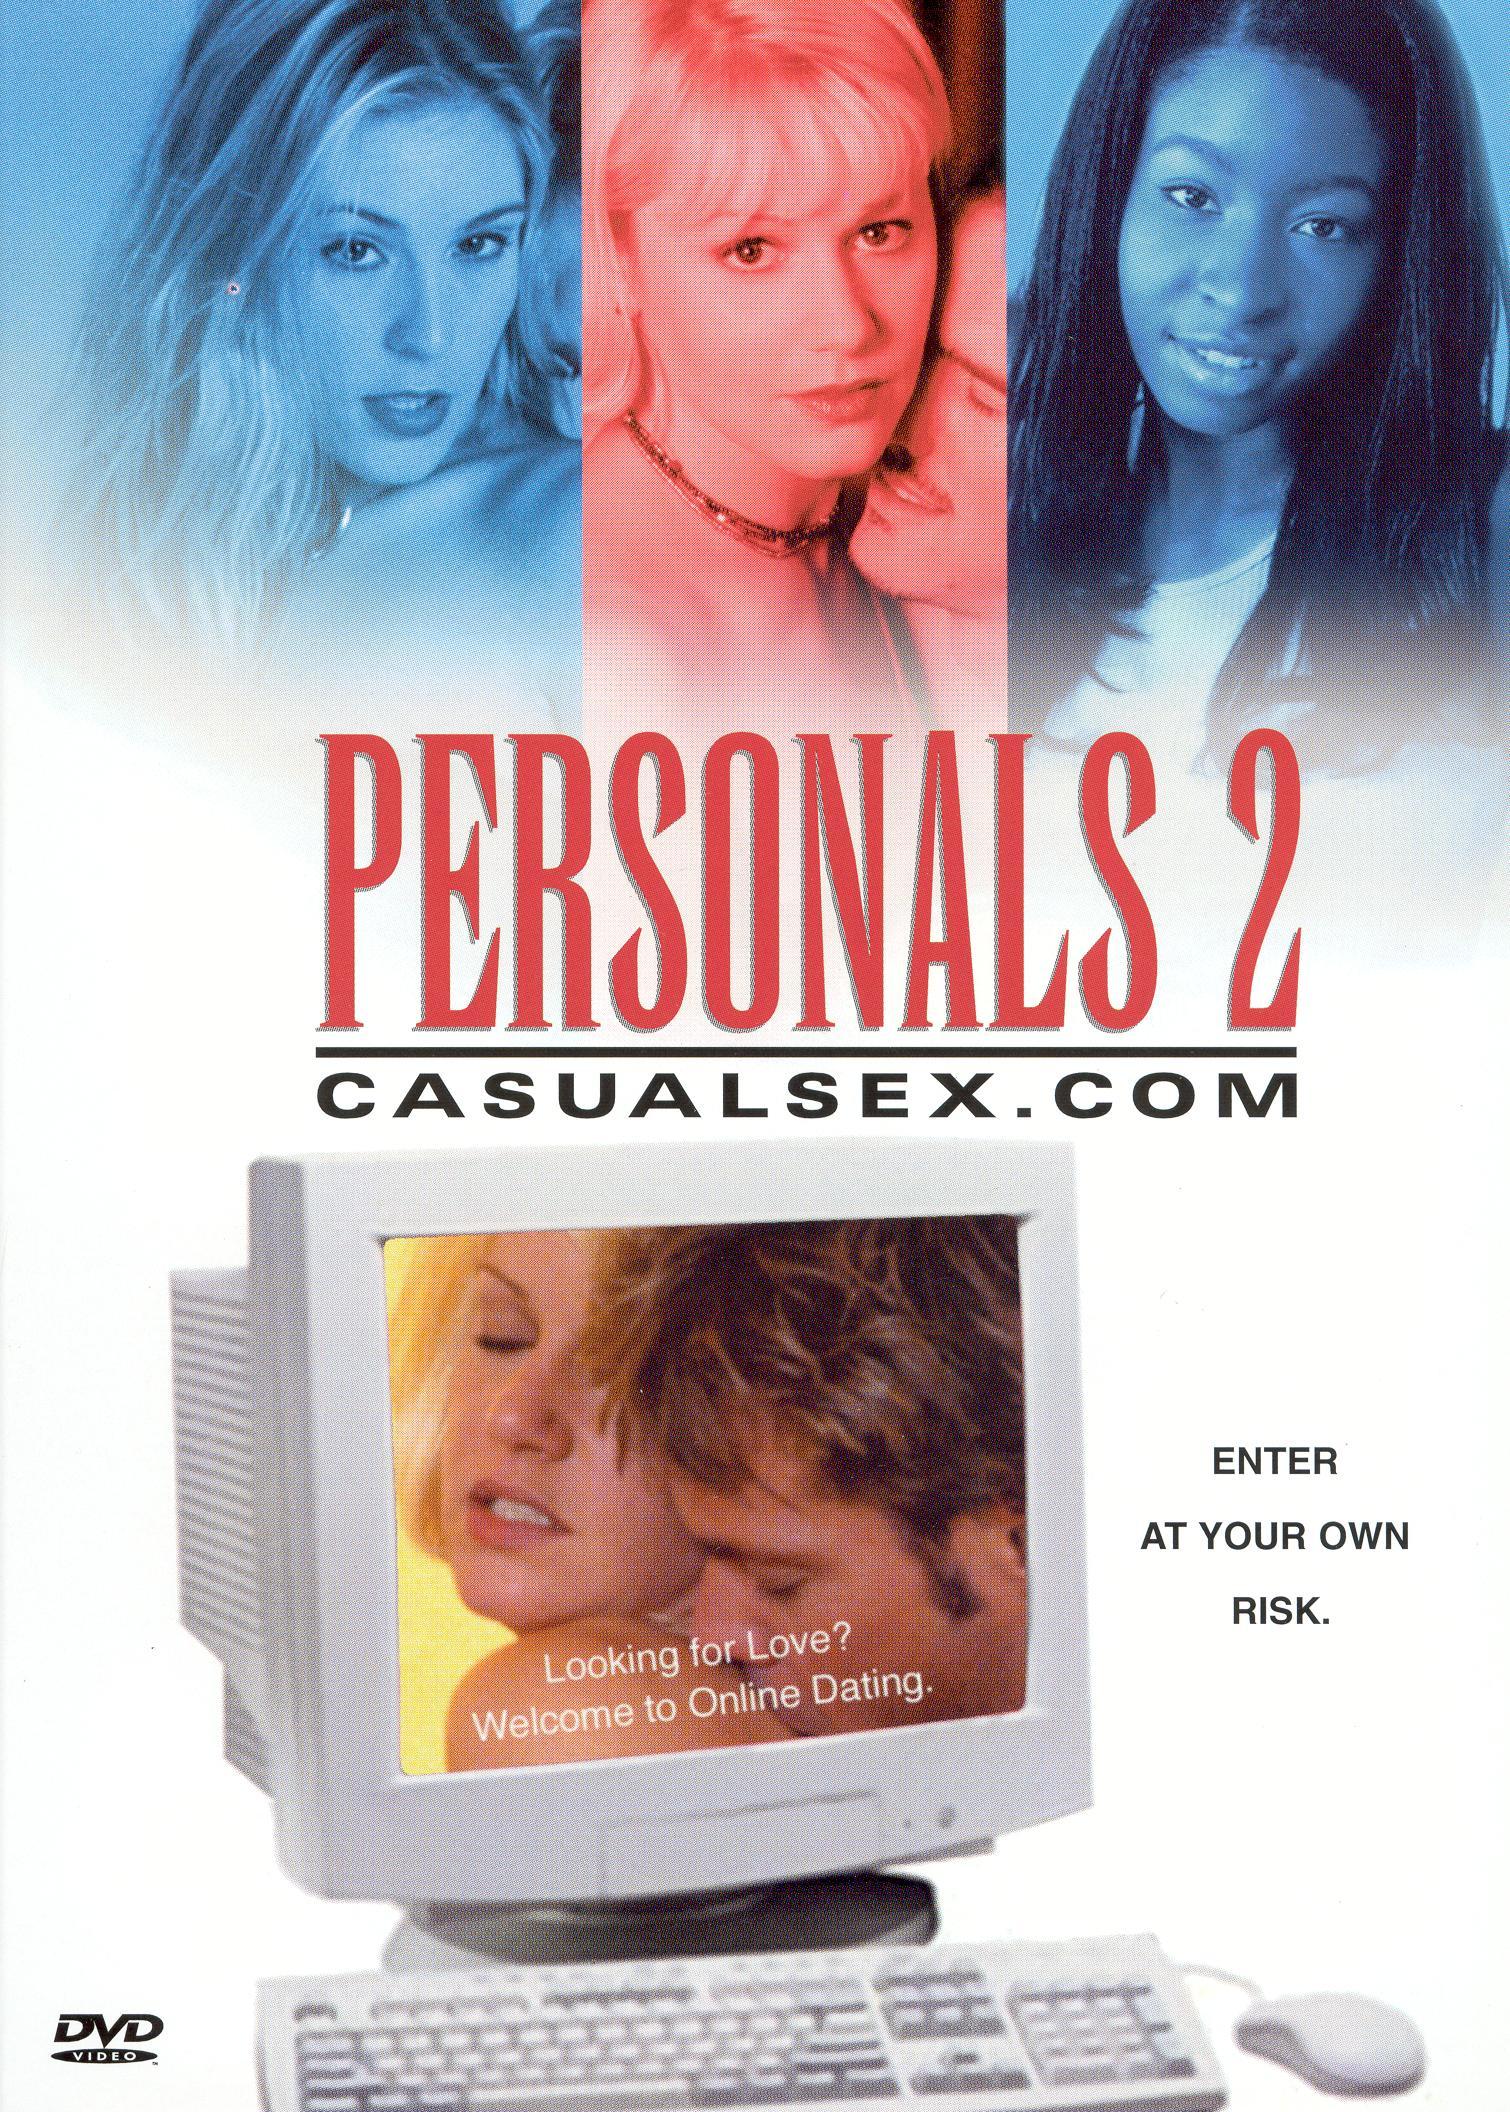 Playboy Personals 2: Casualsex.com